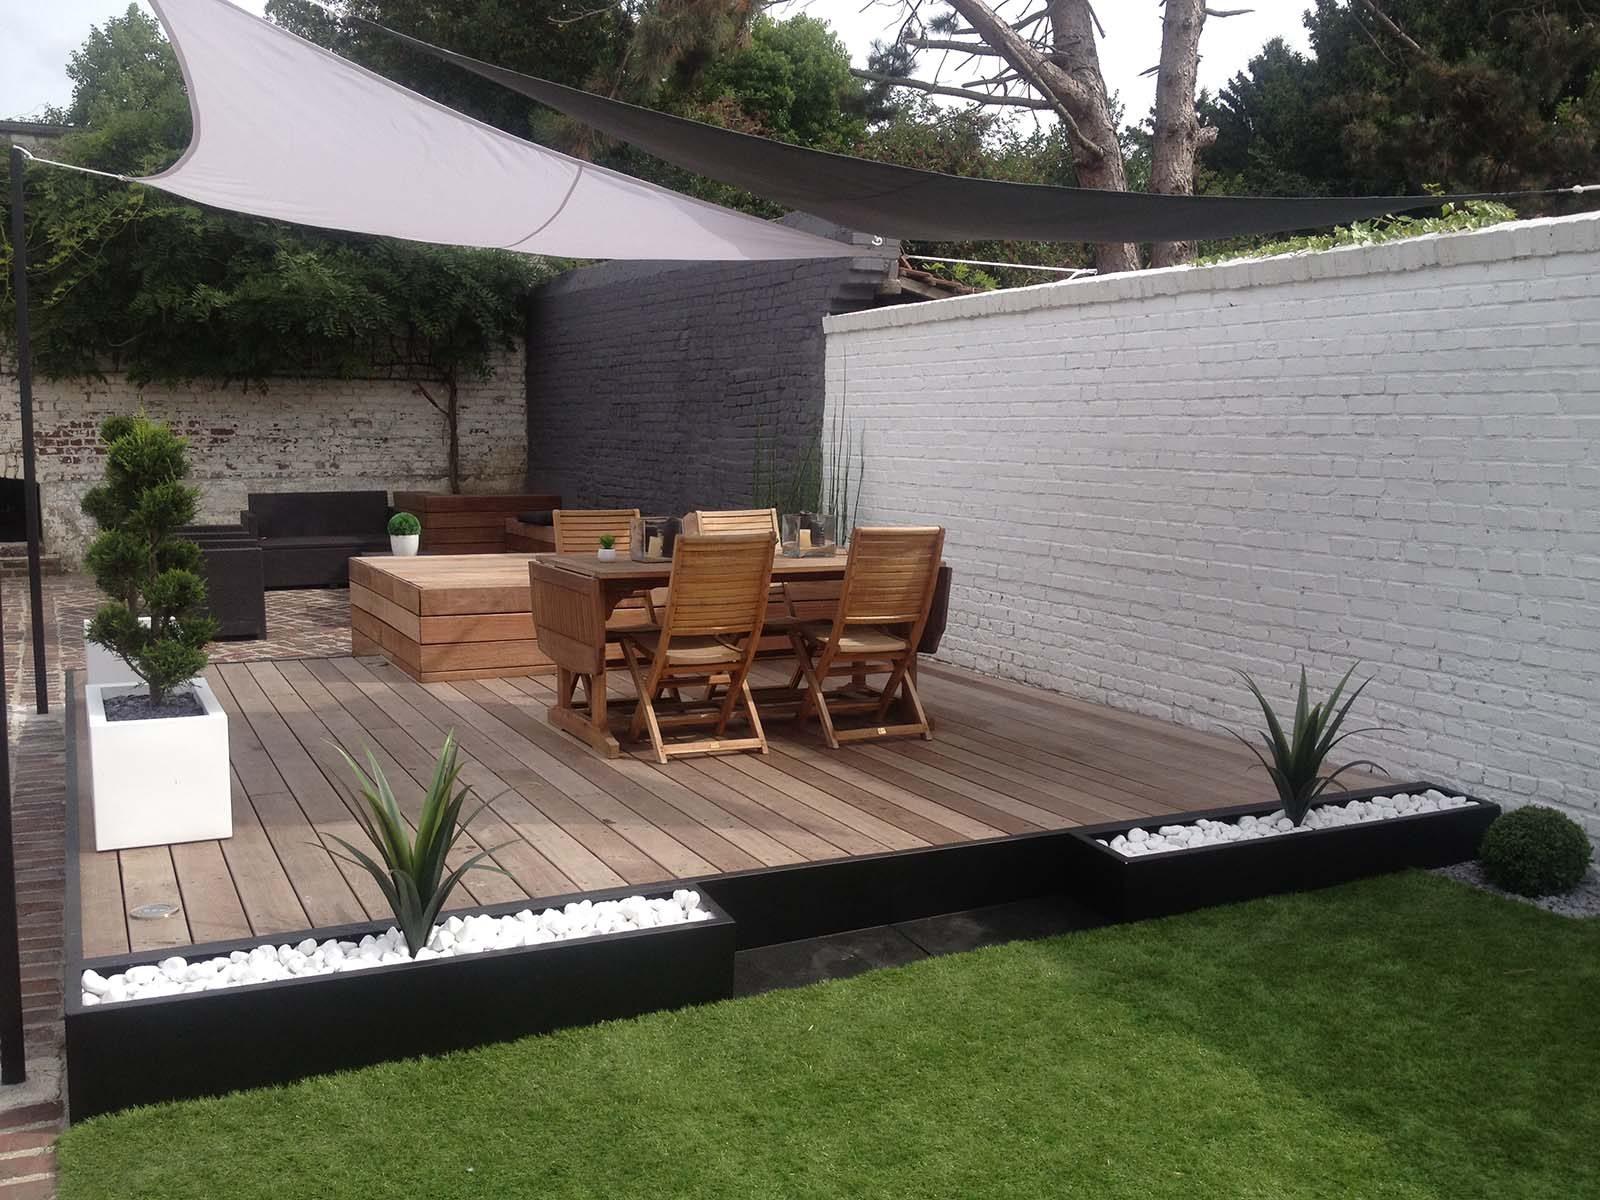 Carport pour terrasse dcoration amnagement extrieur quel revtement choisir pour la terrasse - Quel bois pour terrasse ...